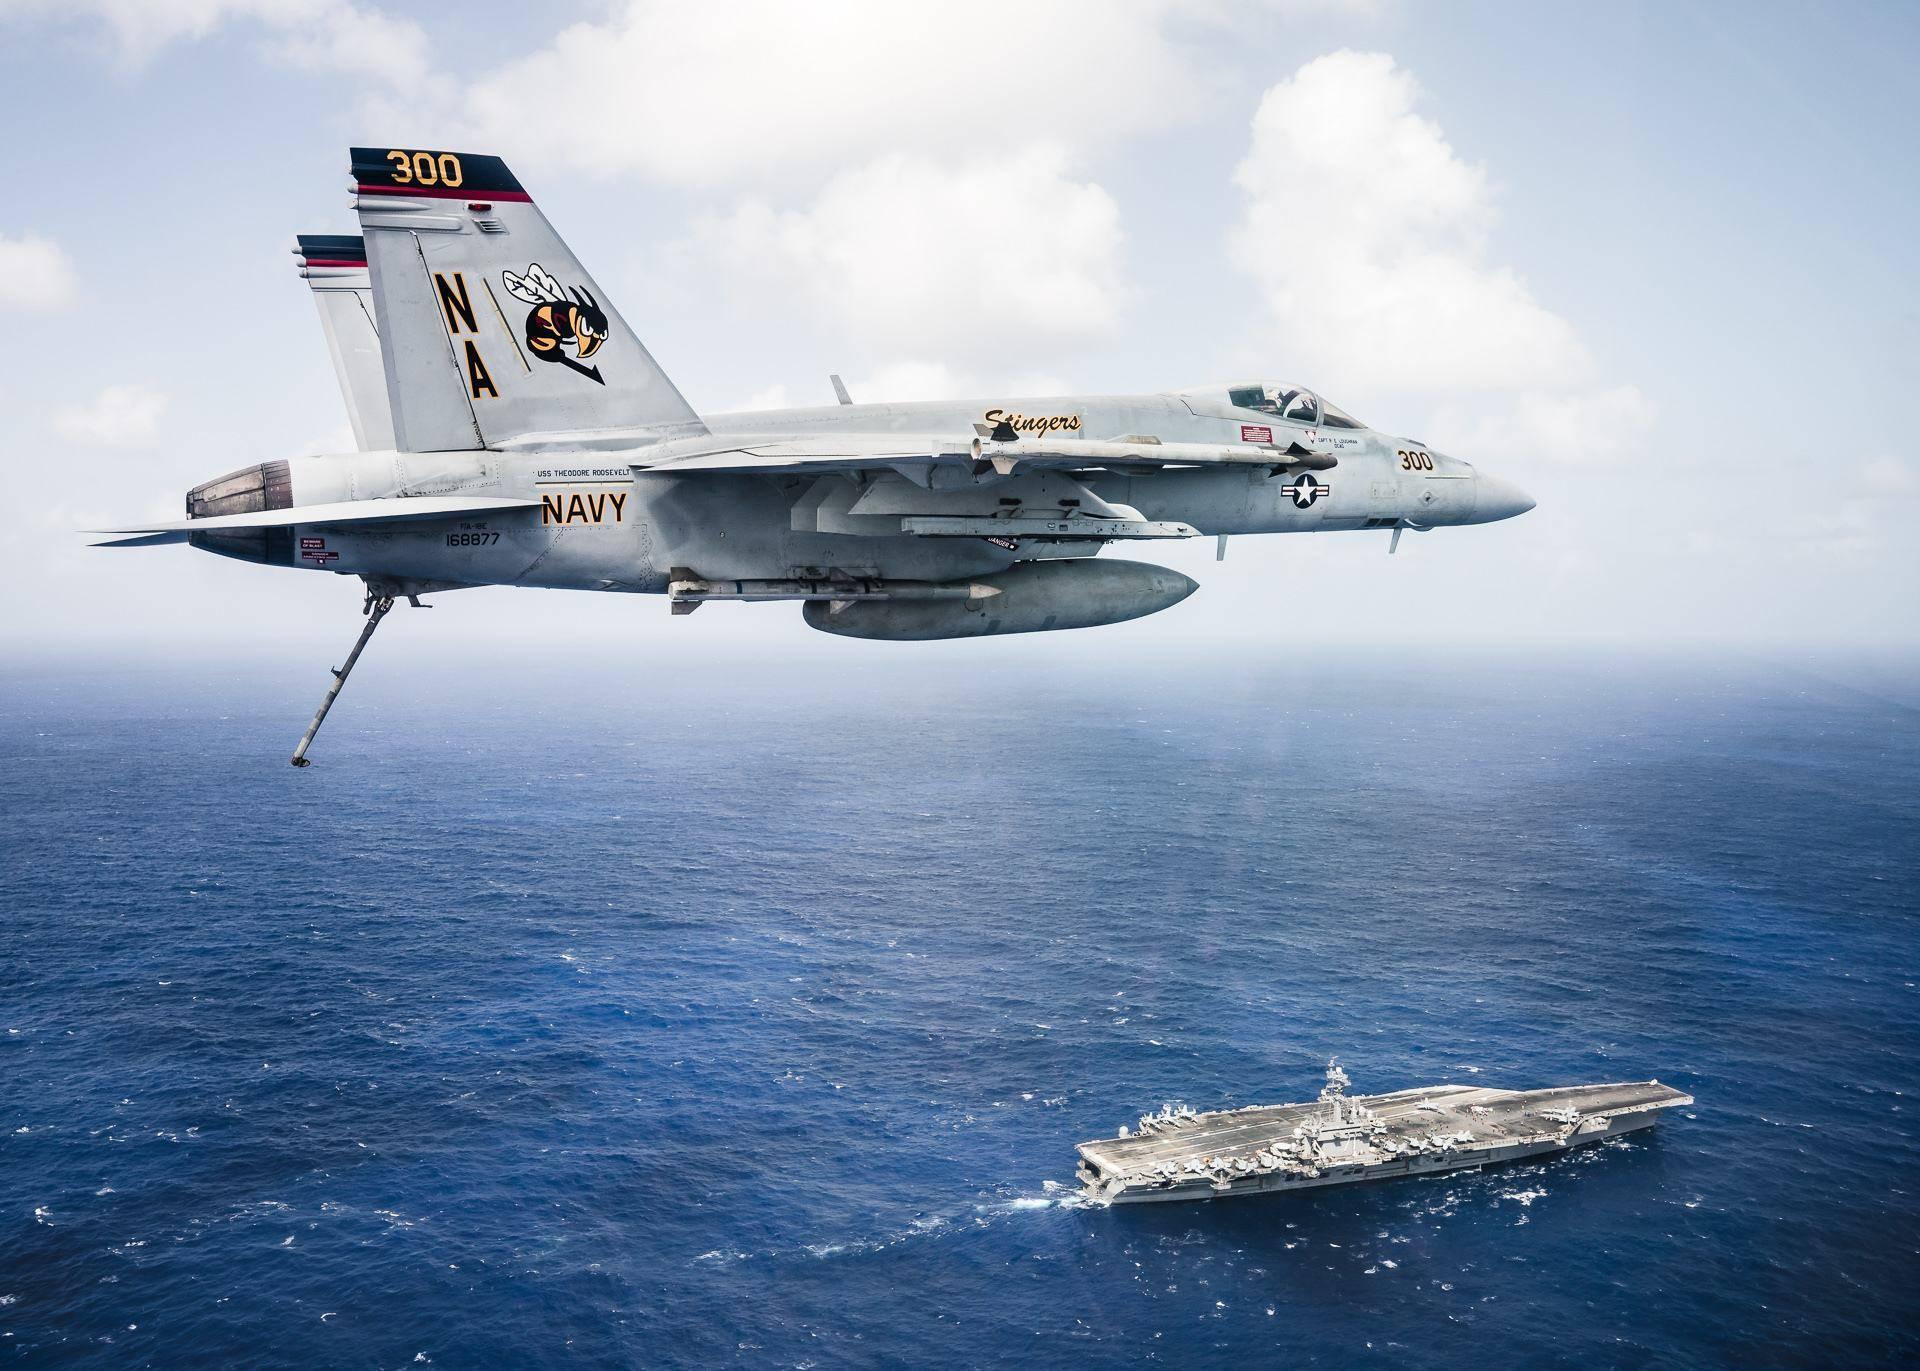 以前没卫星,战机怎样才能准确找到航母并降落,难